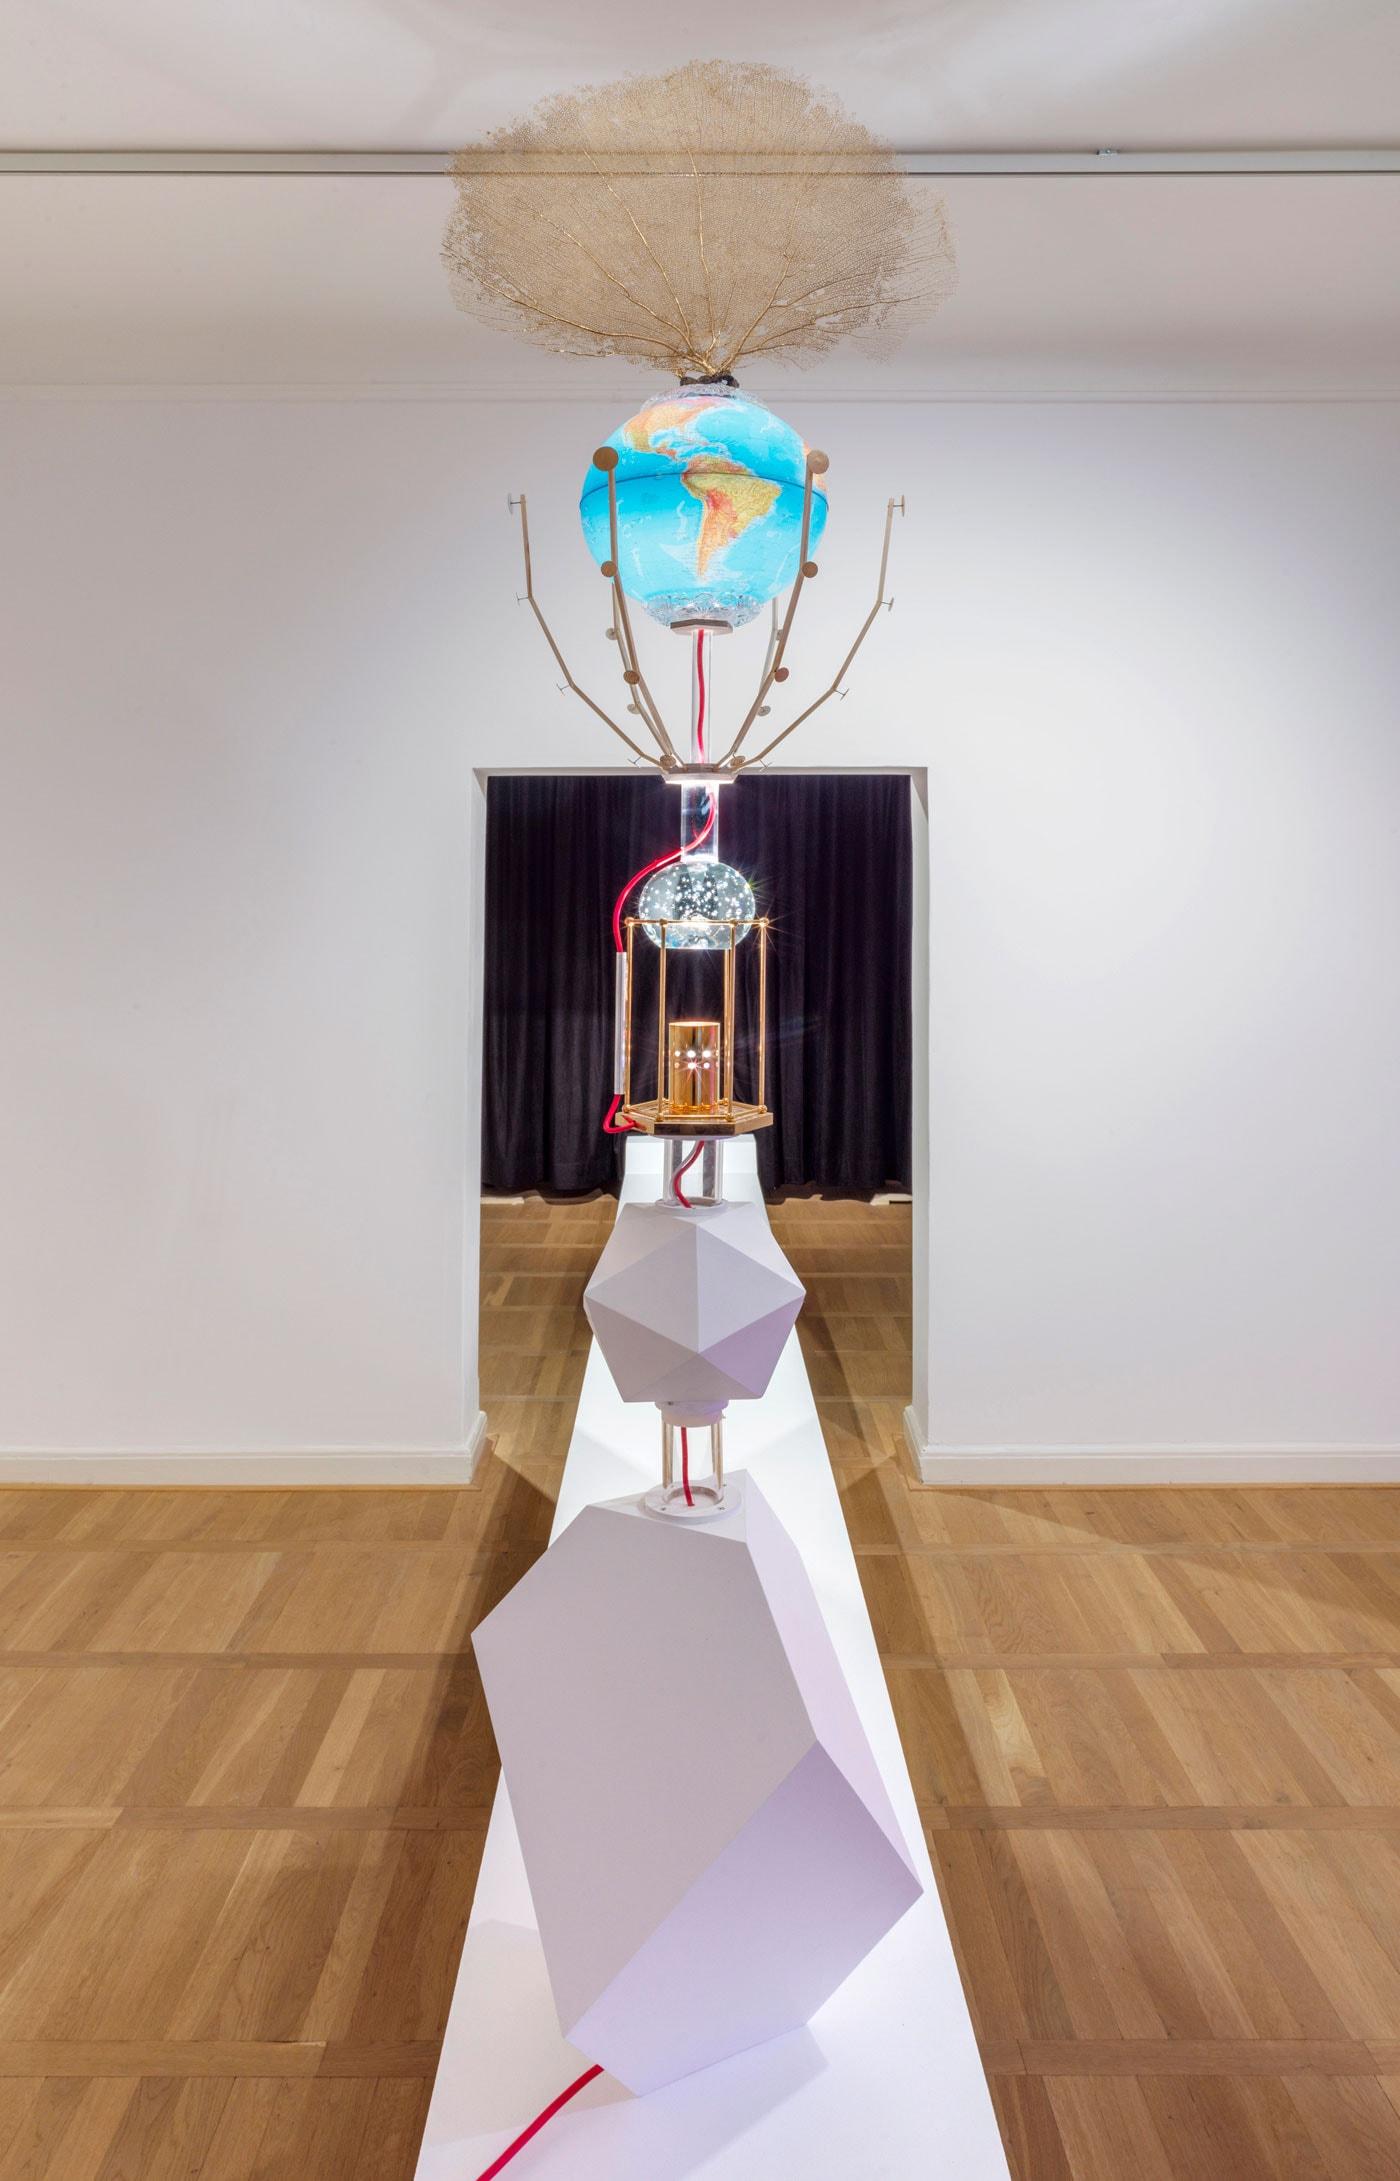 Ausstellung im Haus am Waldsee in Berlin: Into Space – Ausstellung bis 06.06.2021 // HIMBEER